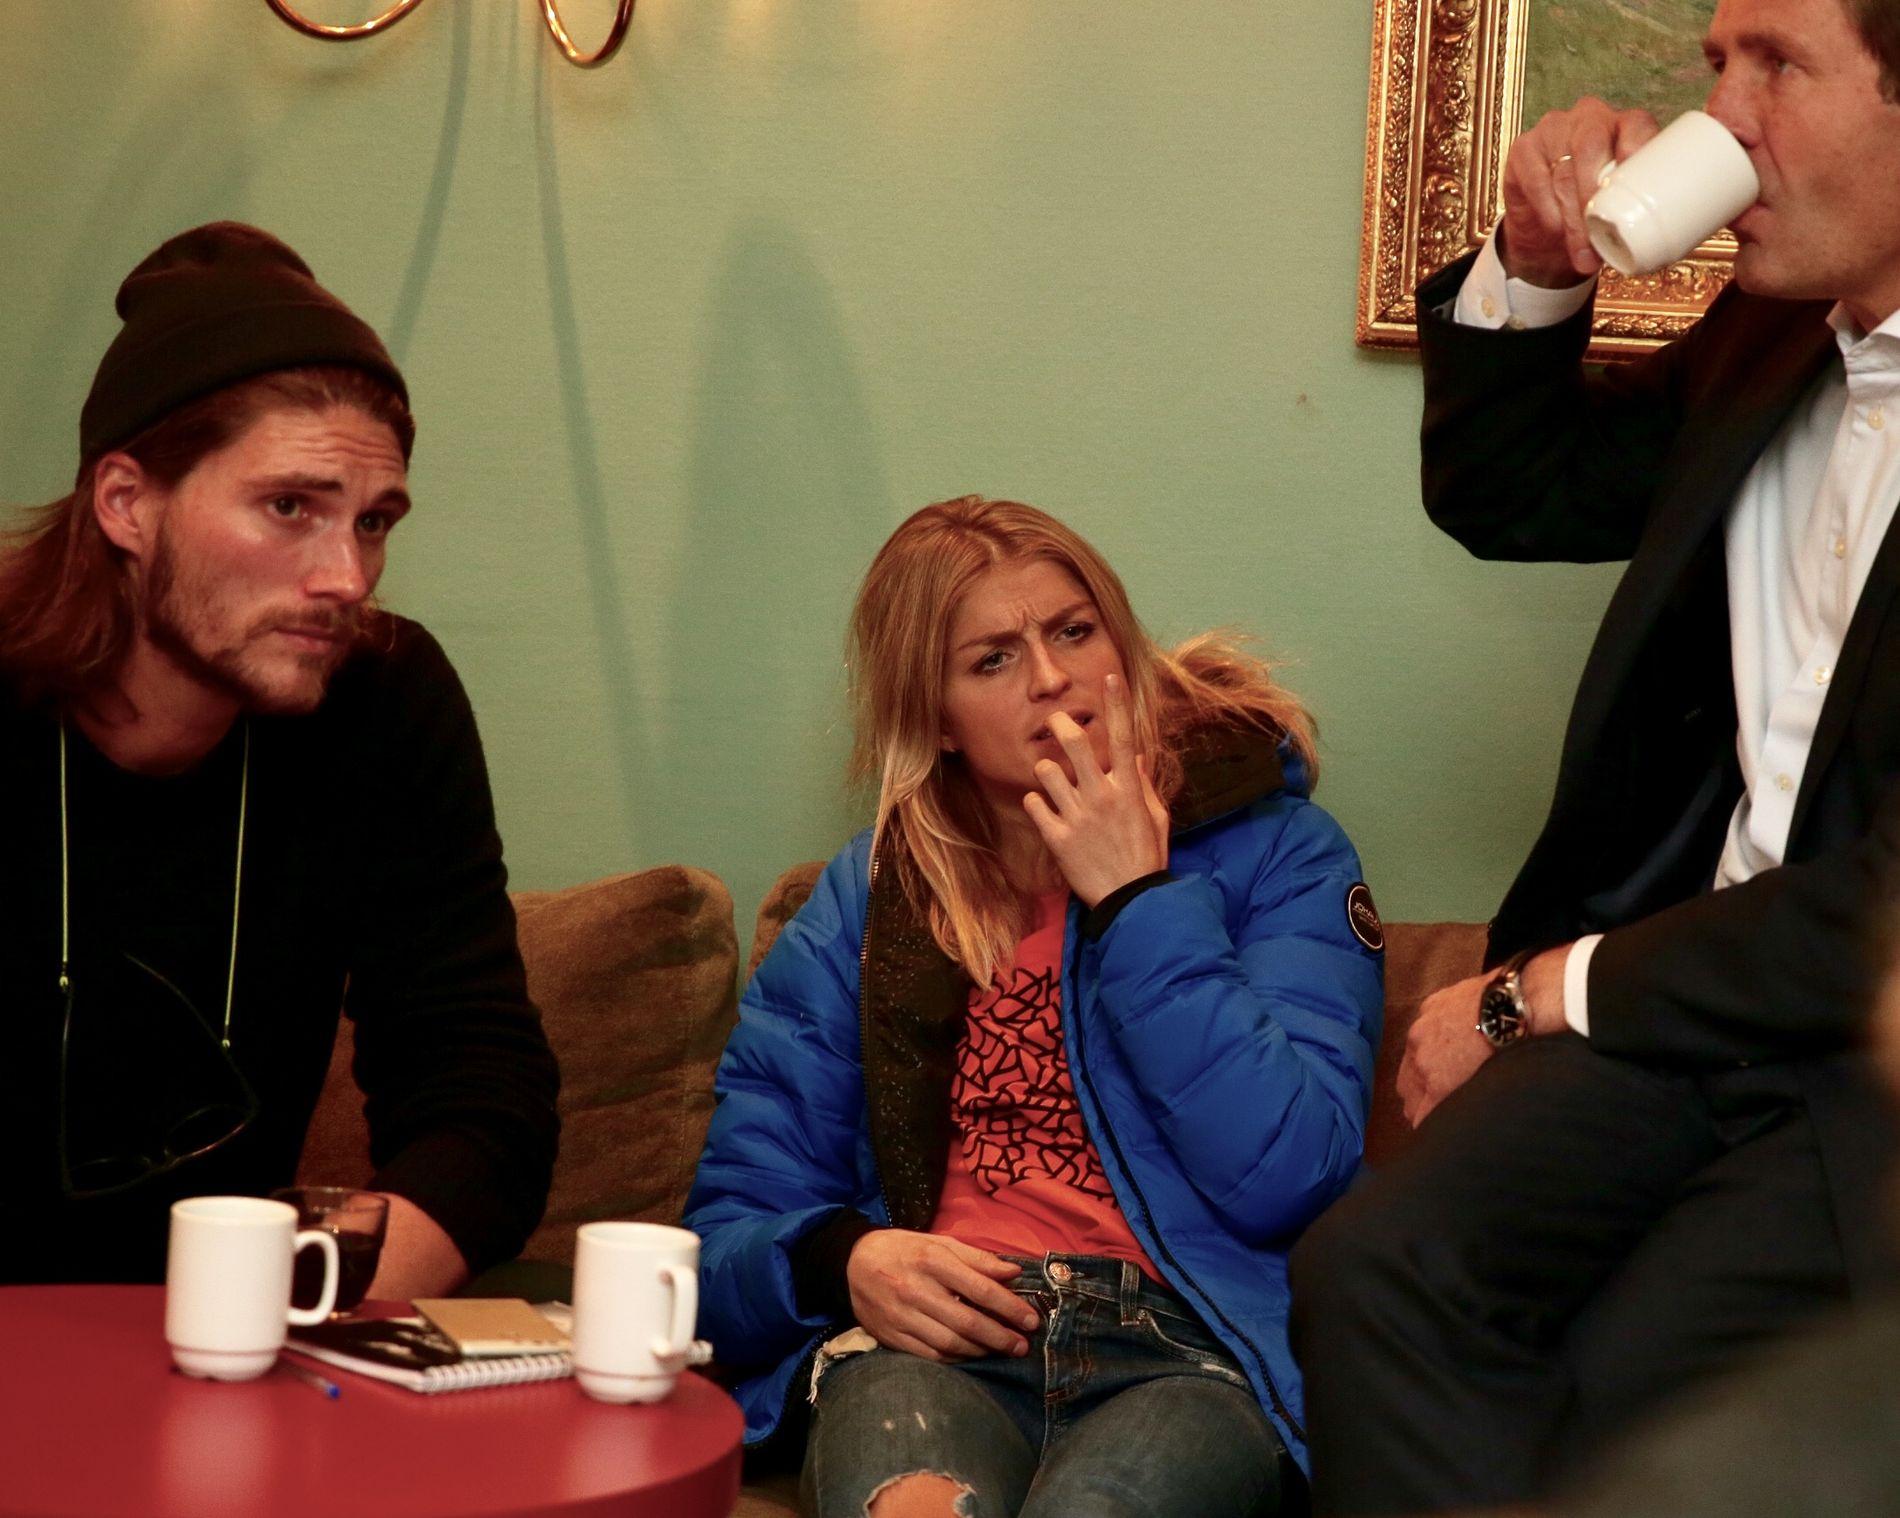 Therese Johaug hadde med seg kjæresten Nils Jacob Hoff da hun møtte norsk presse torsdag ettermiddag.